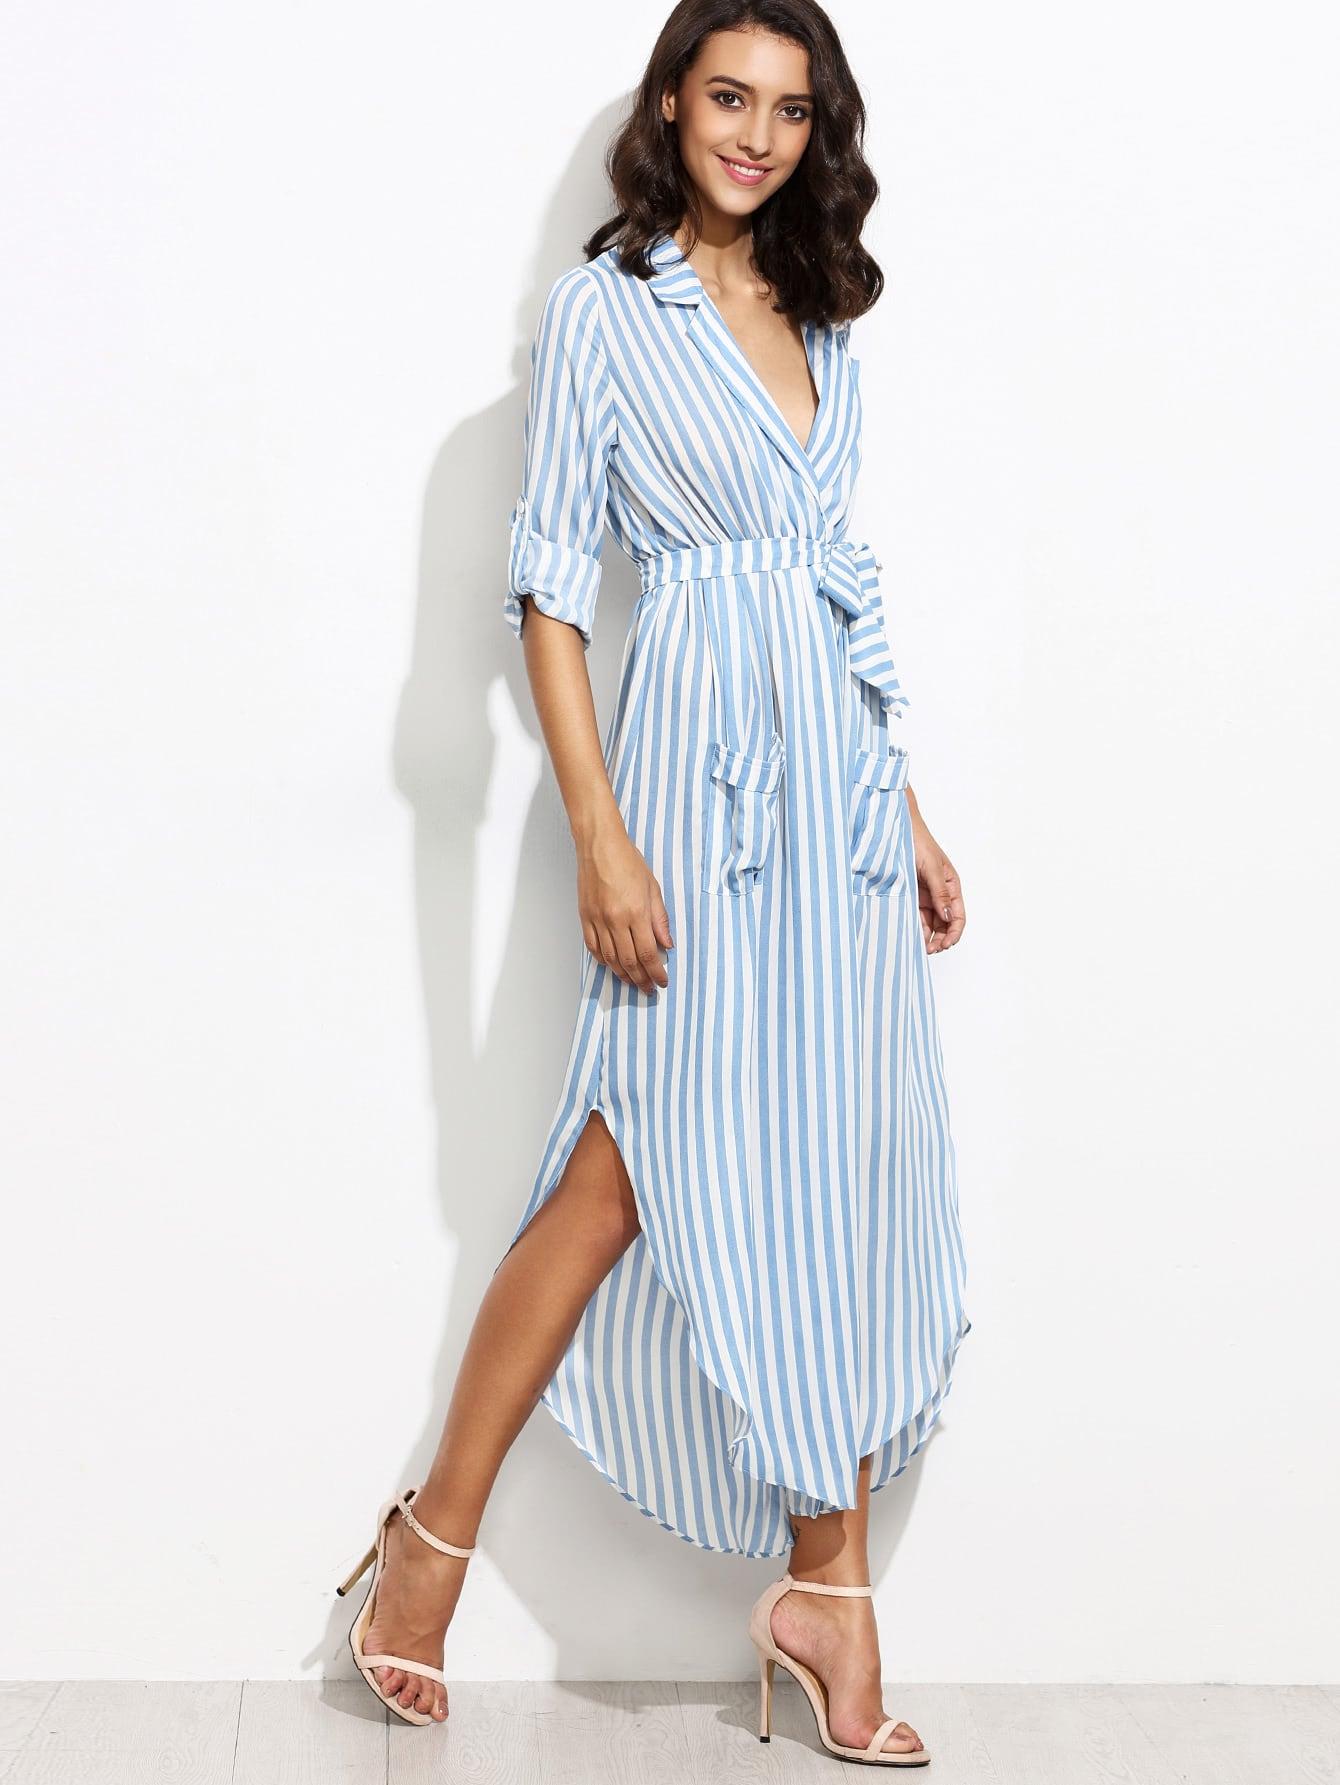 dress160810103_2